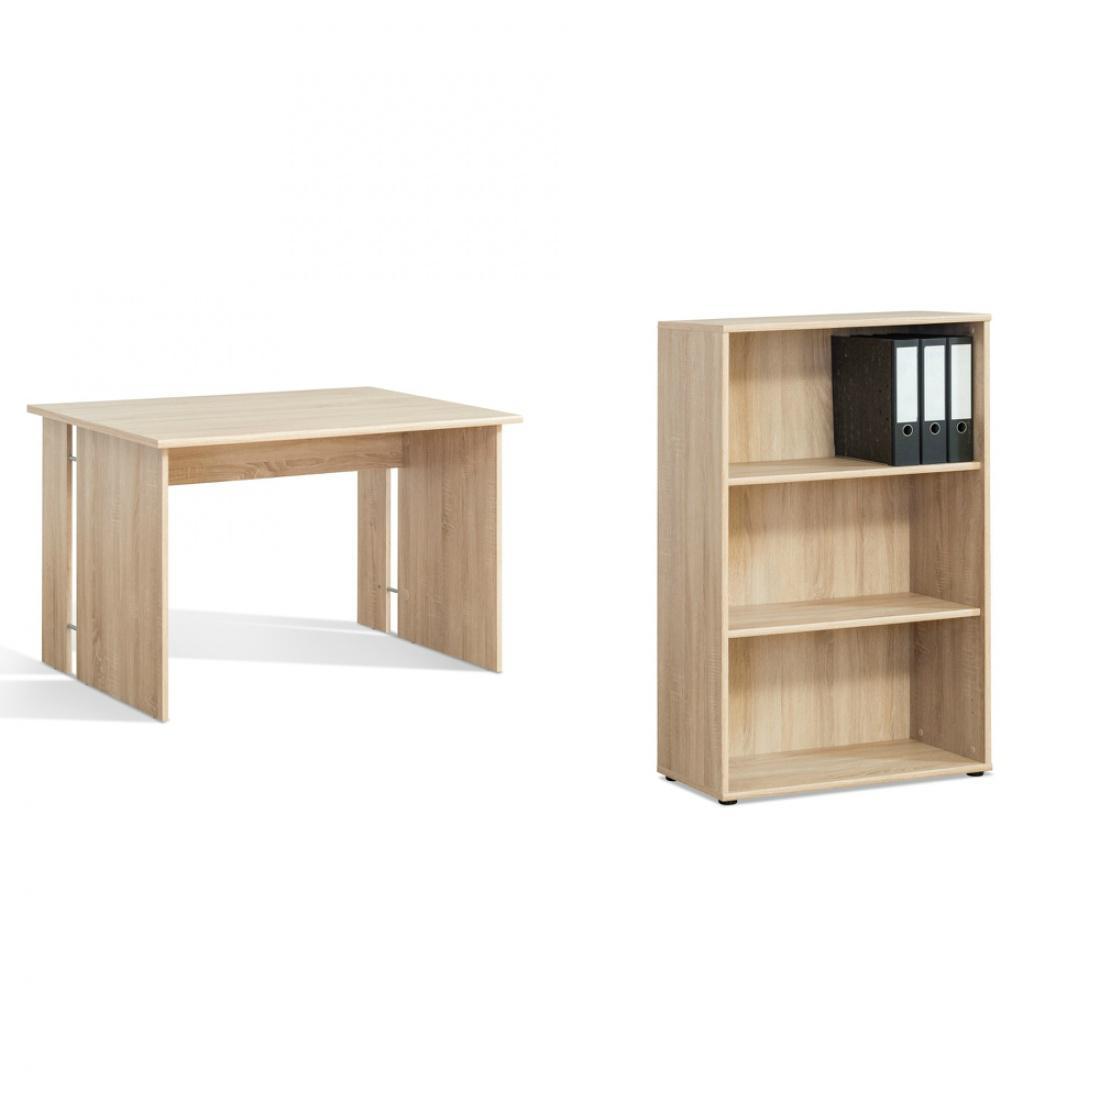 schreibtisch 1 mit kleinem regal eiche sonoma kaufen bei m bel lux. Black Bedroom Furniture Sets. Home Design Ideas